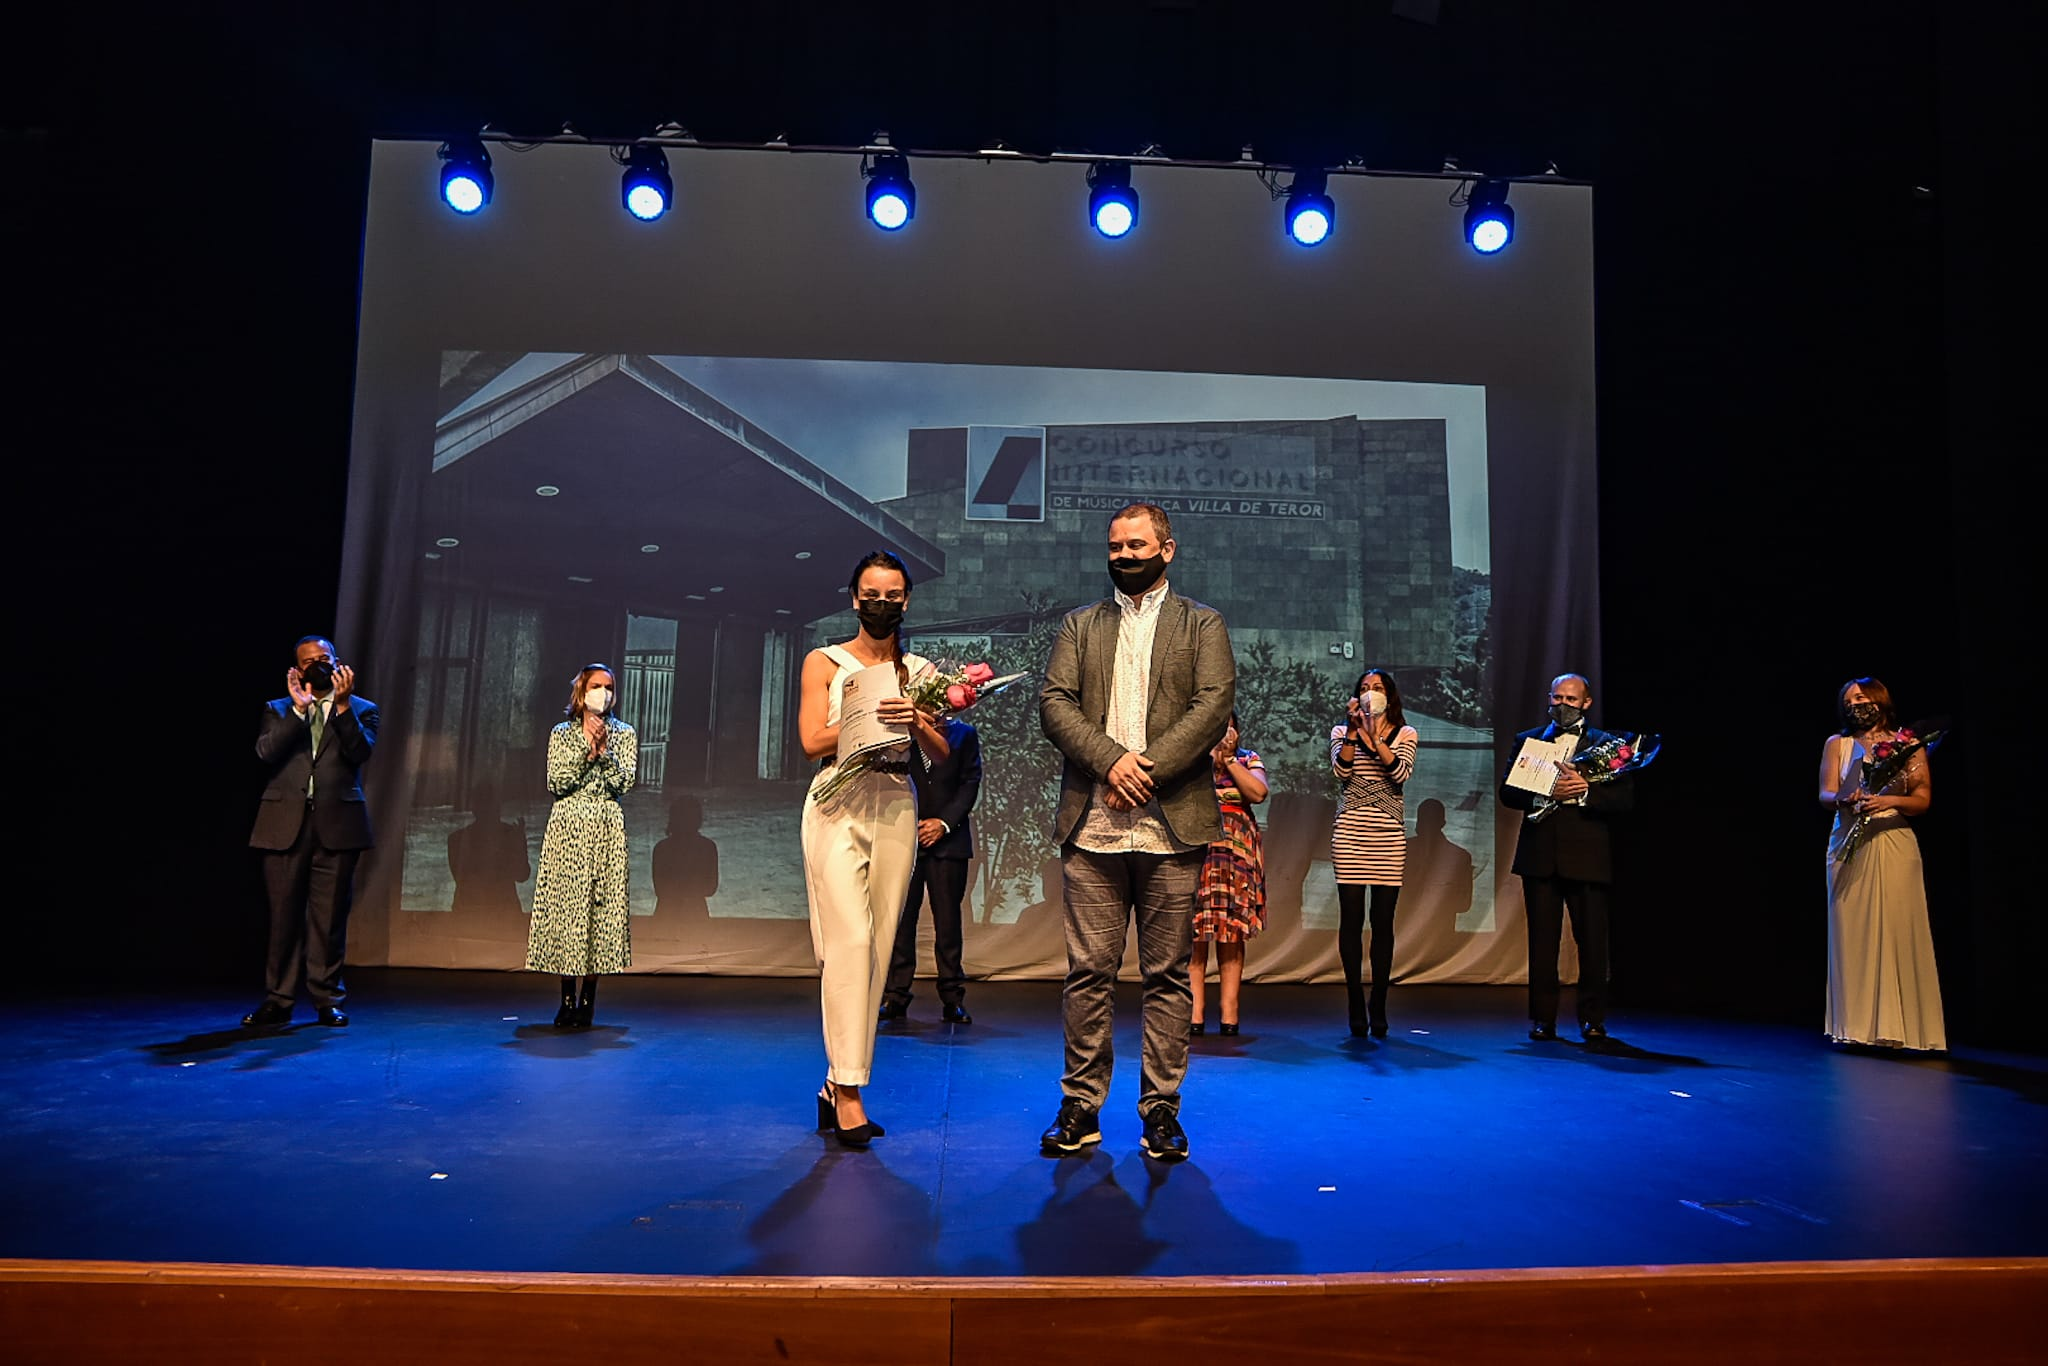 Tania Lorenzo ganadora del IV Concurso Internacional de Música Lírica Villa de Teror